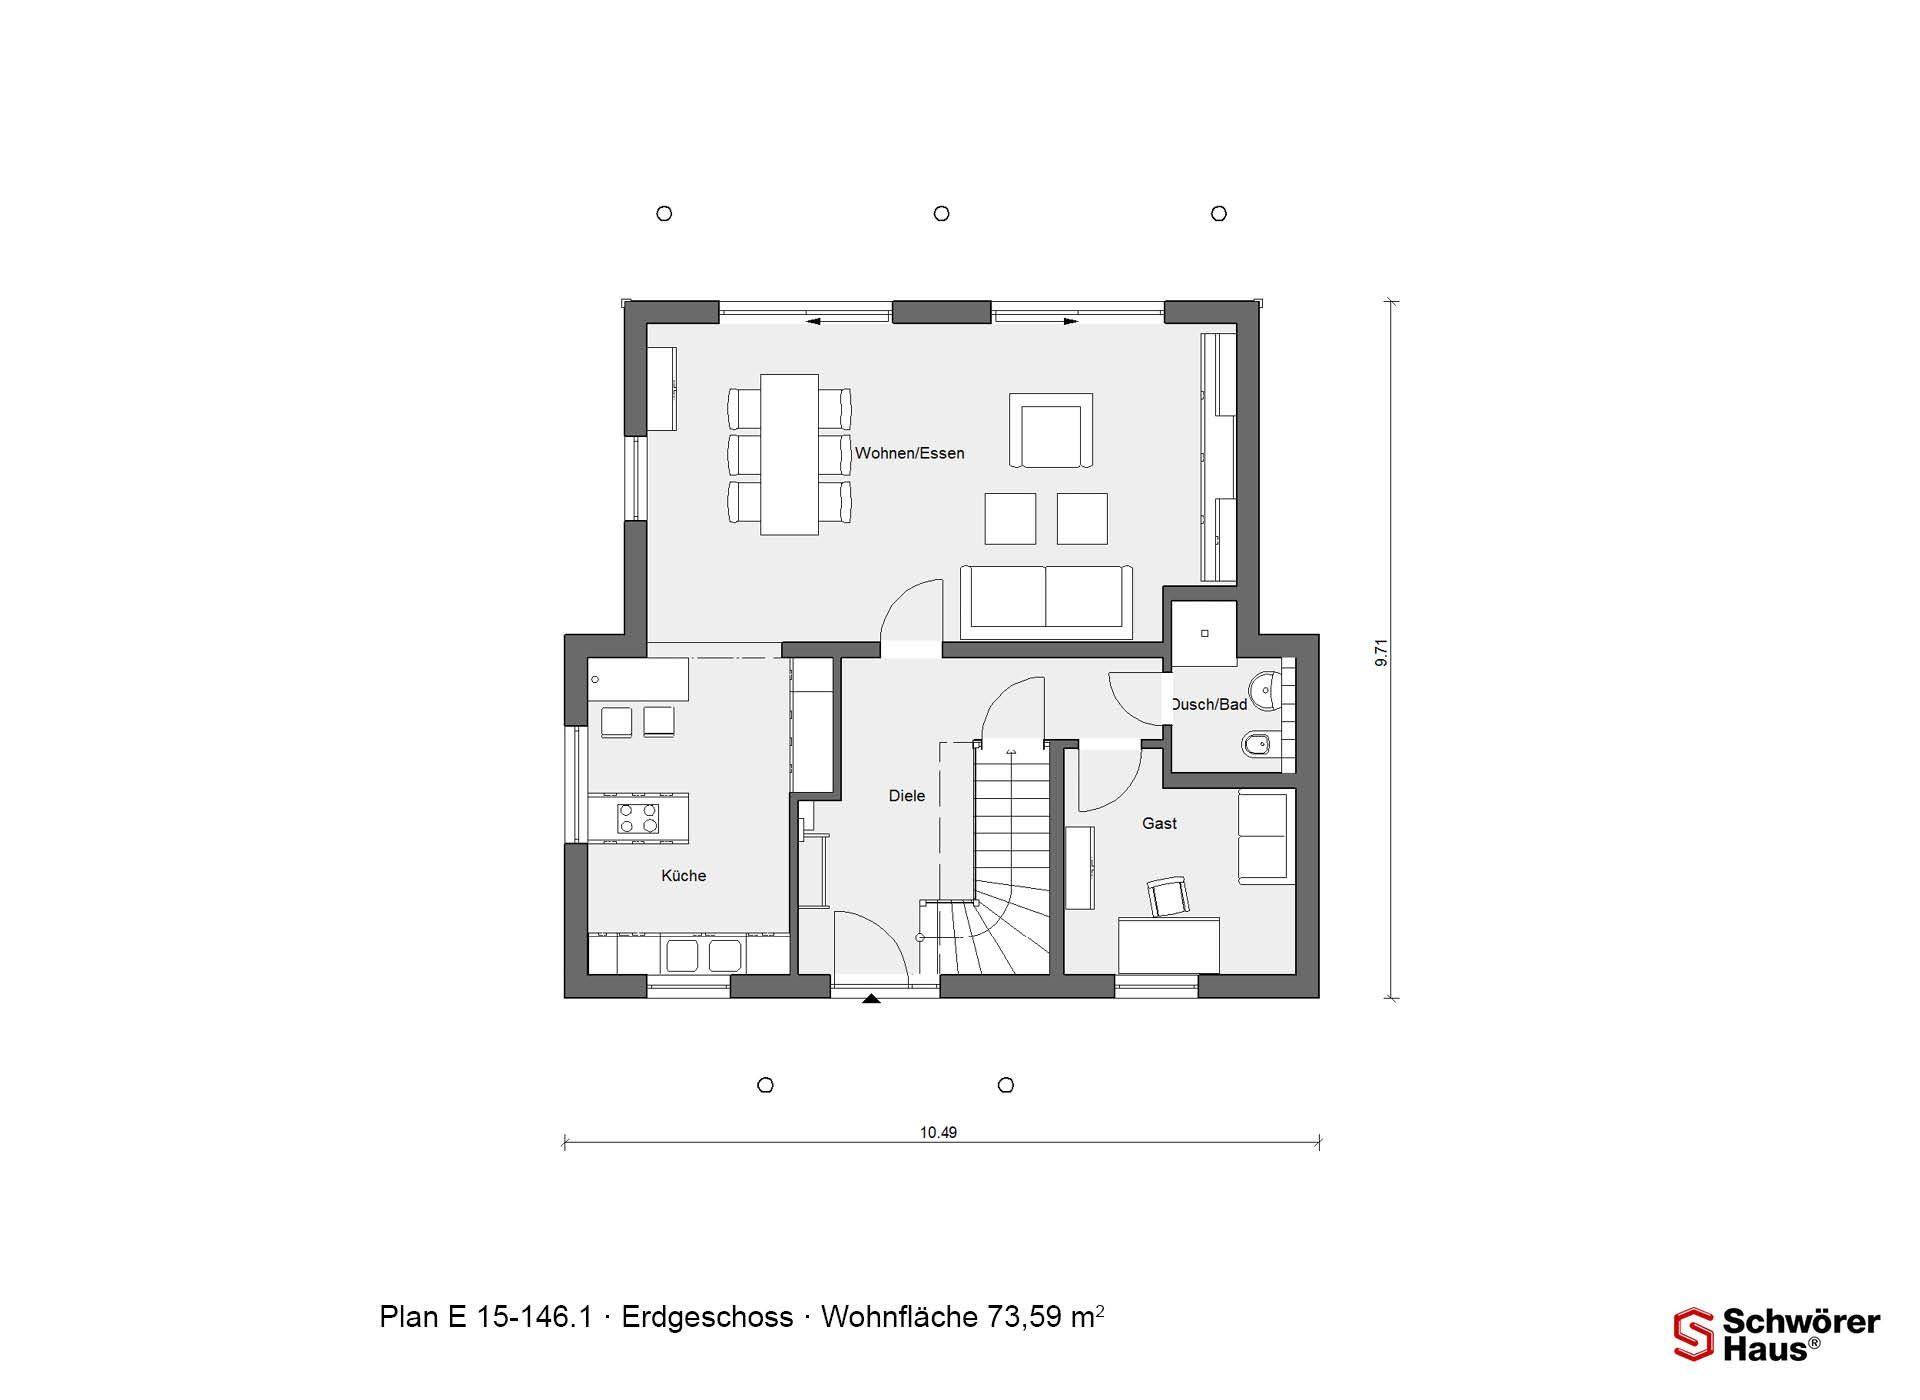 Plan E 15-146.1 - Eine Nahaufnahme von einem Logo - Haus